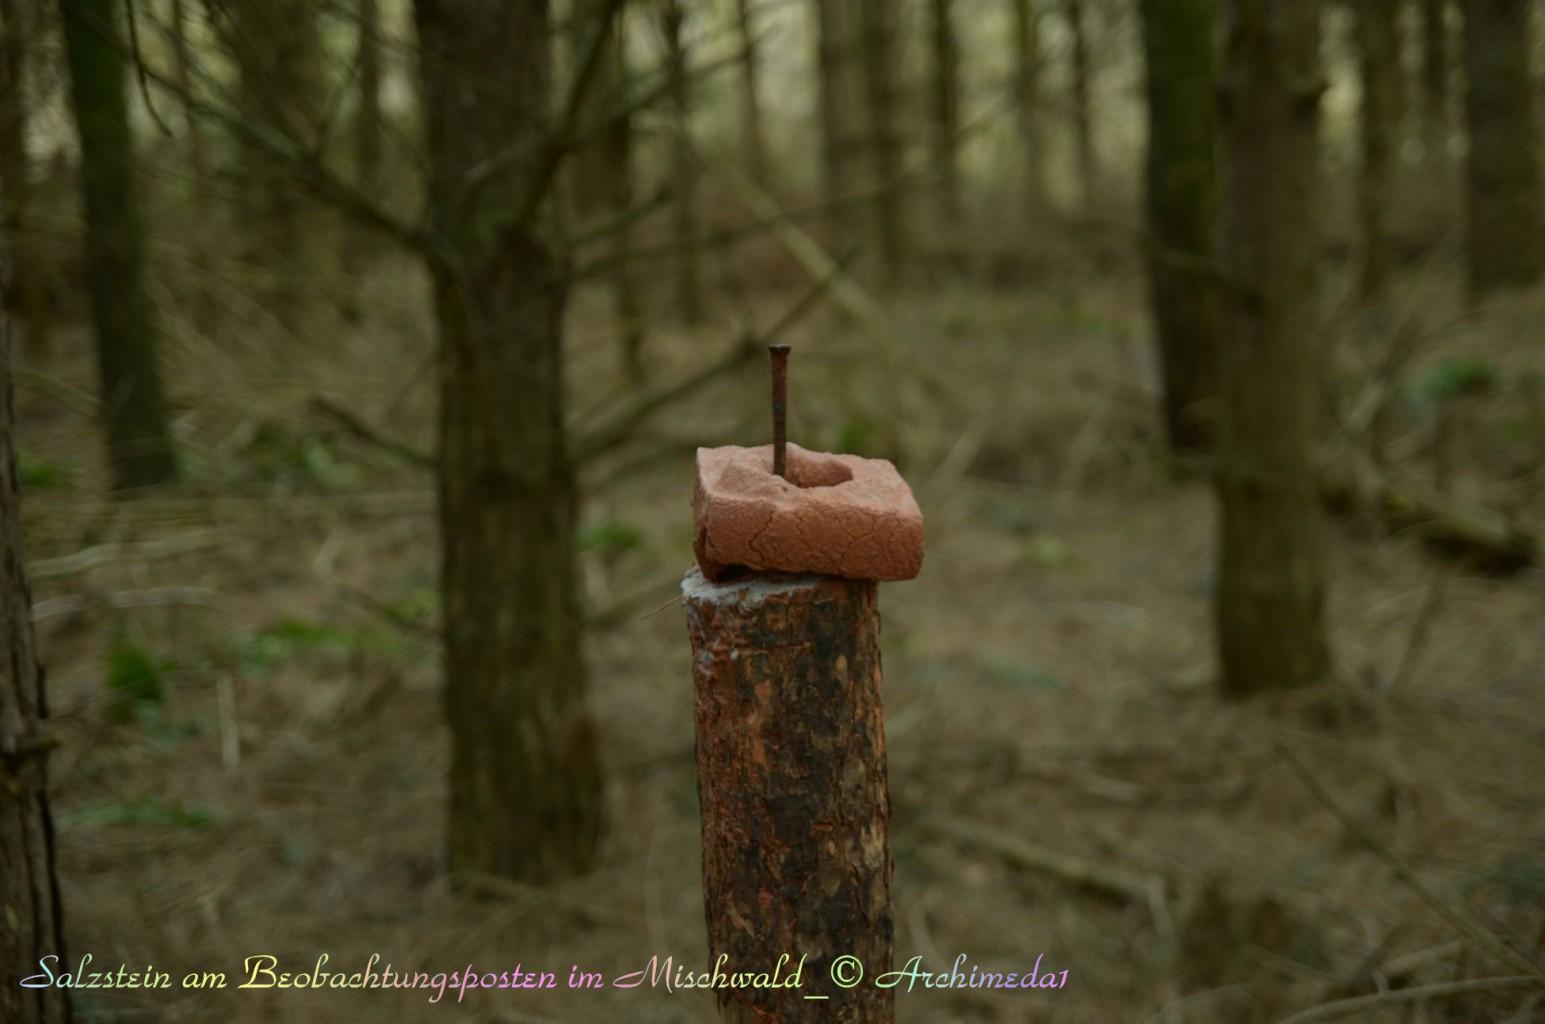 Salzstein am Beobachtungsposten im Mischwald_© Archimeda1